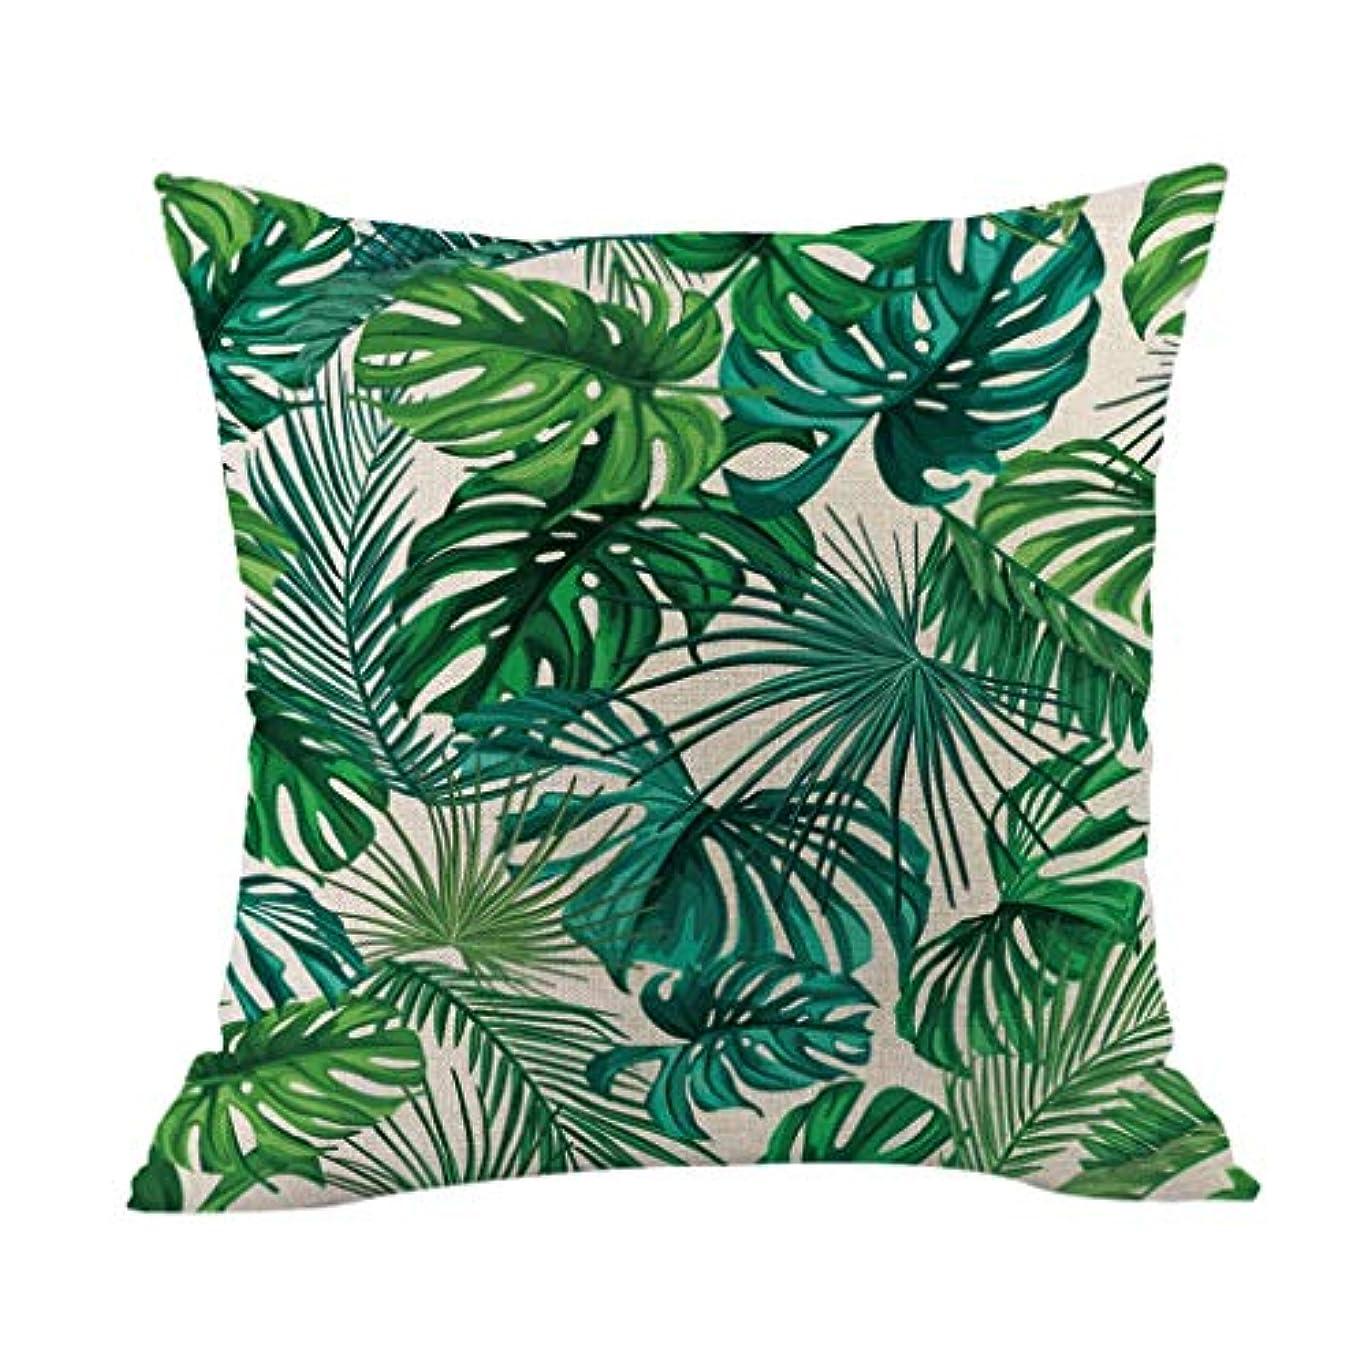 鳥のみ依存LIFE 高品質クッション熱帯植物ポリエステル枕ソファ投げるパッドセットホーム人格クッション coussin decoratif クッション 椅子